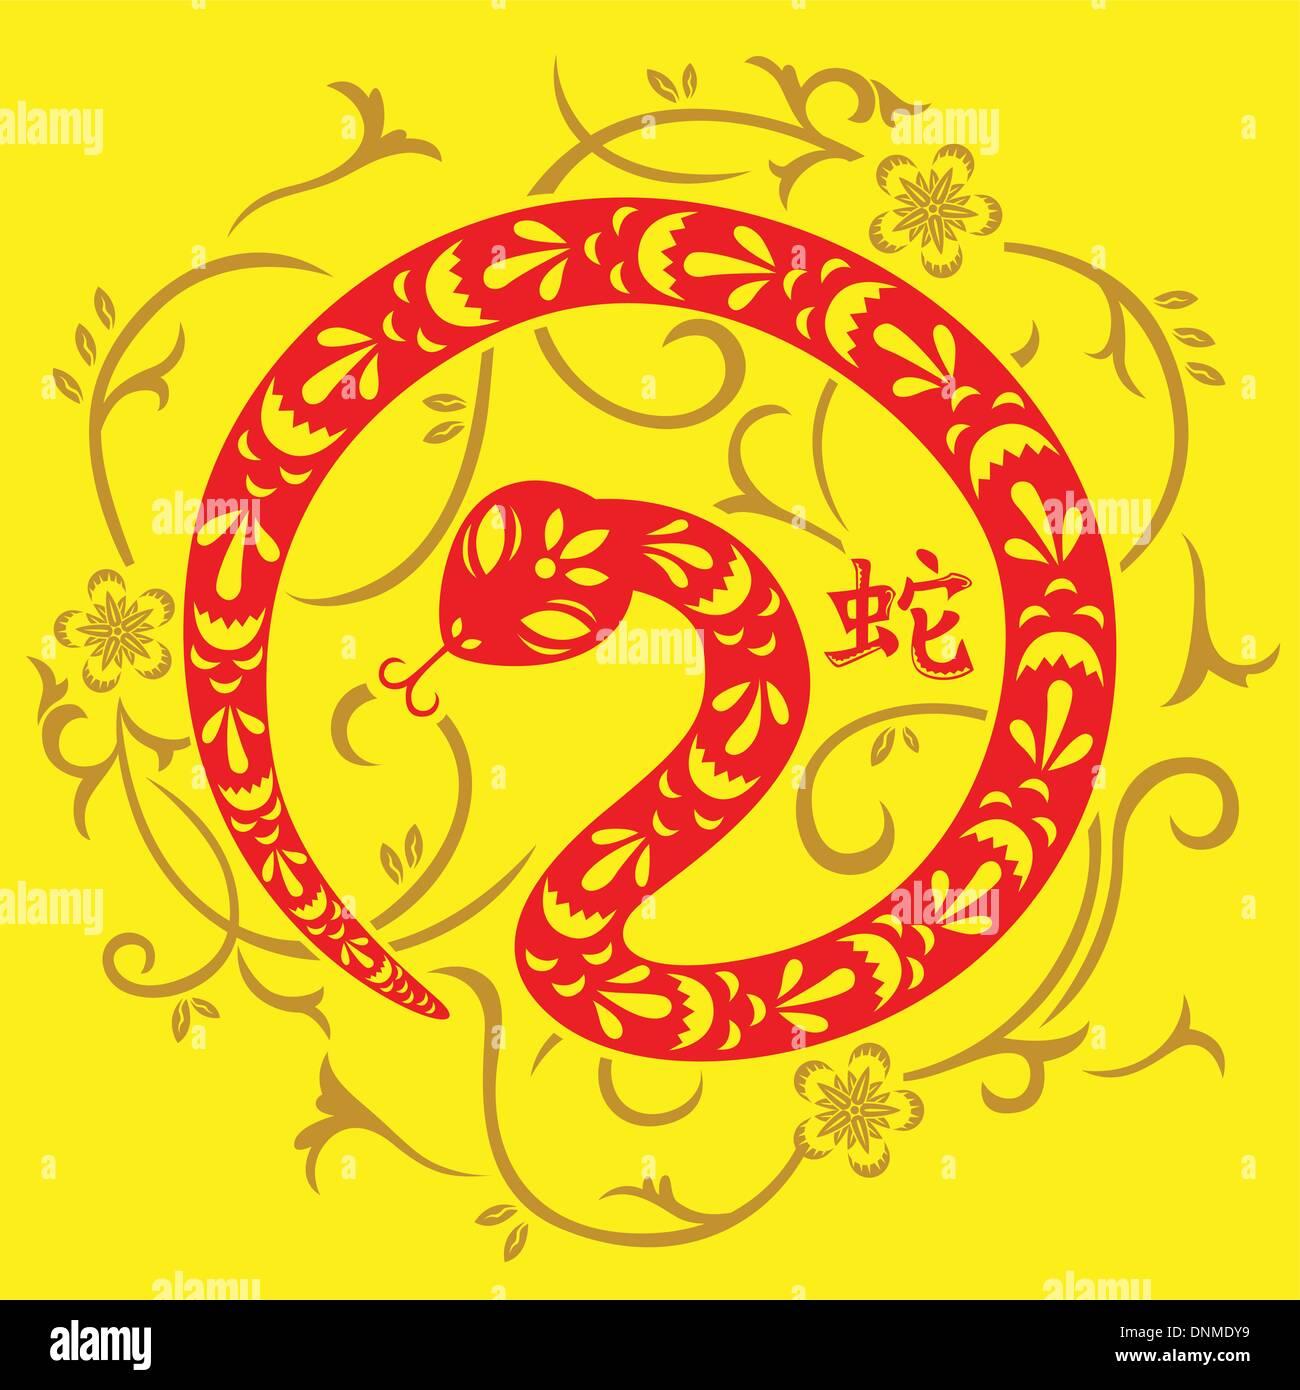 Una illustrazione vettoriale di Anno del serpente design per la celebrazione del Capodanno cinese Immagini Stock